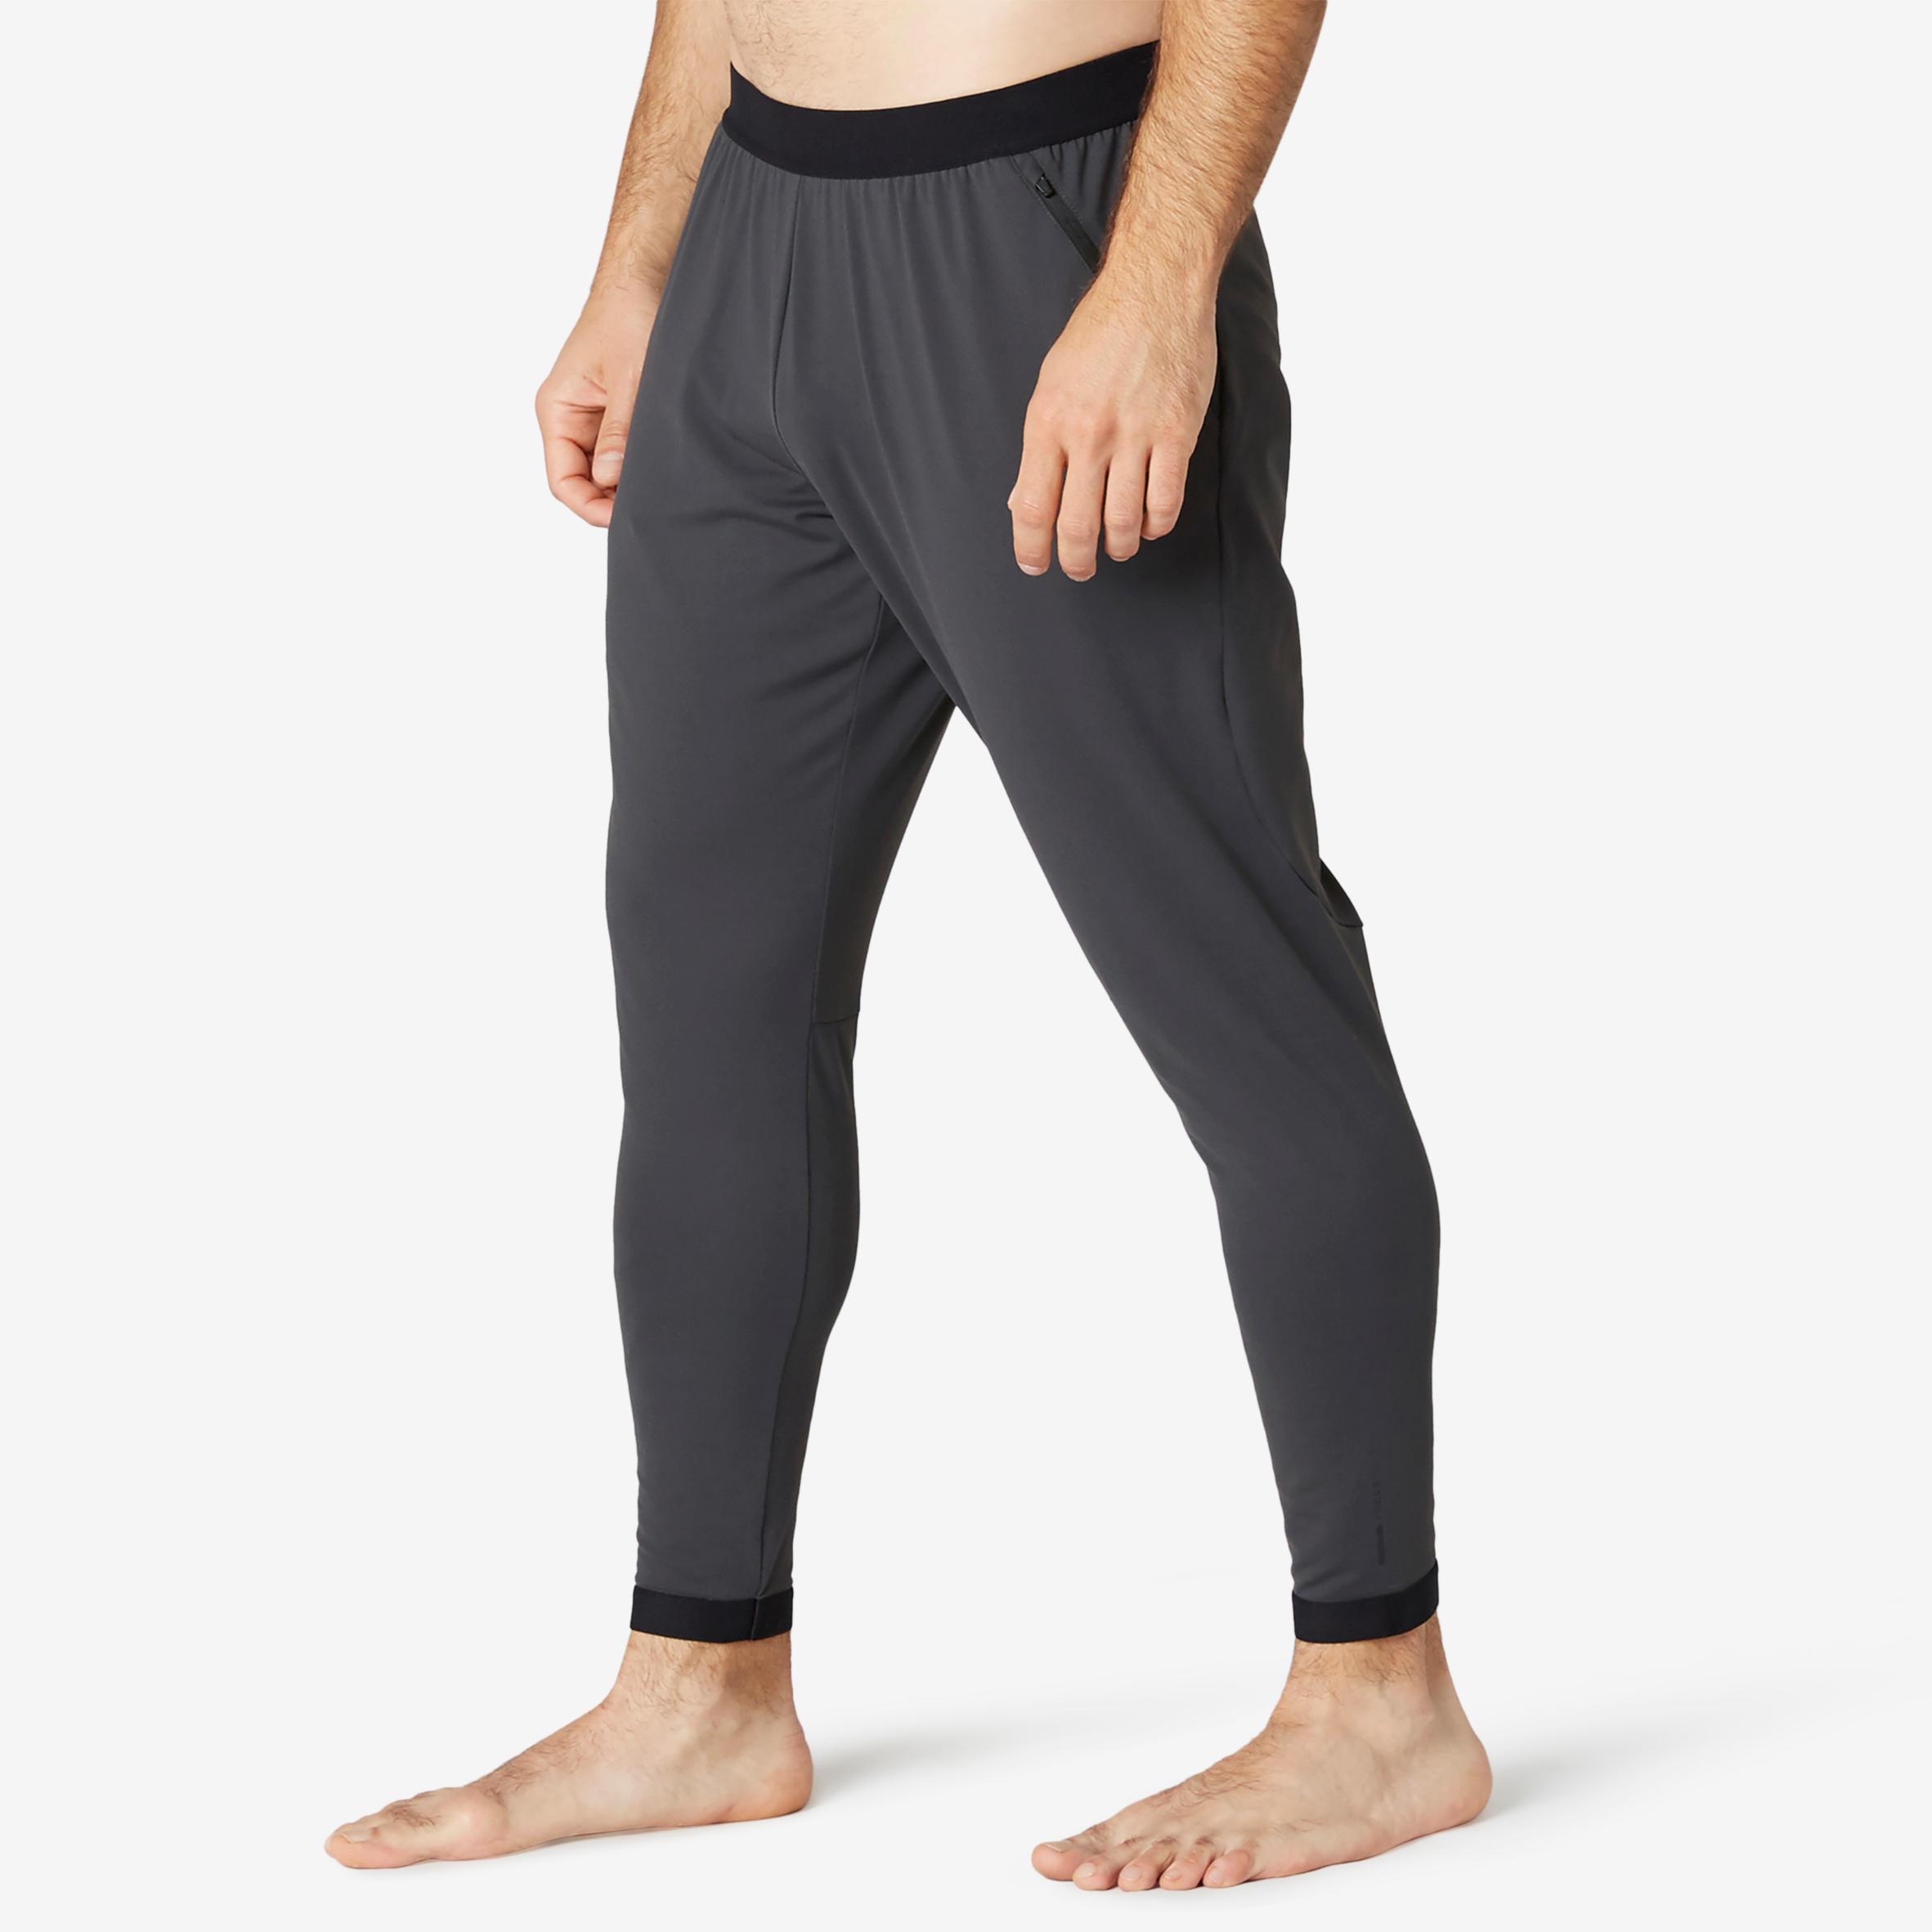 Pantalon trening 900 Bărbați